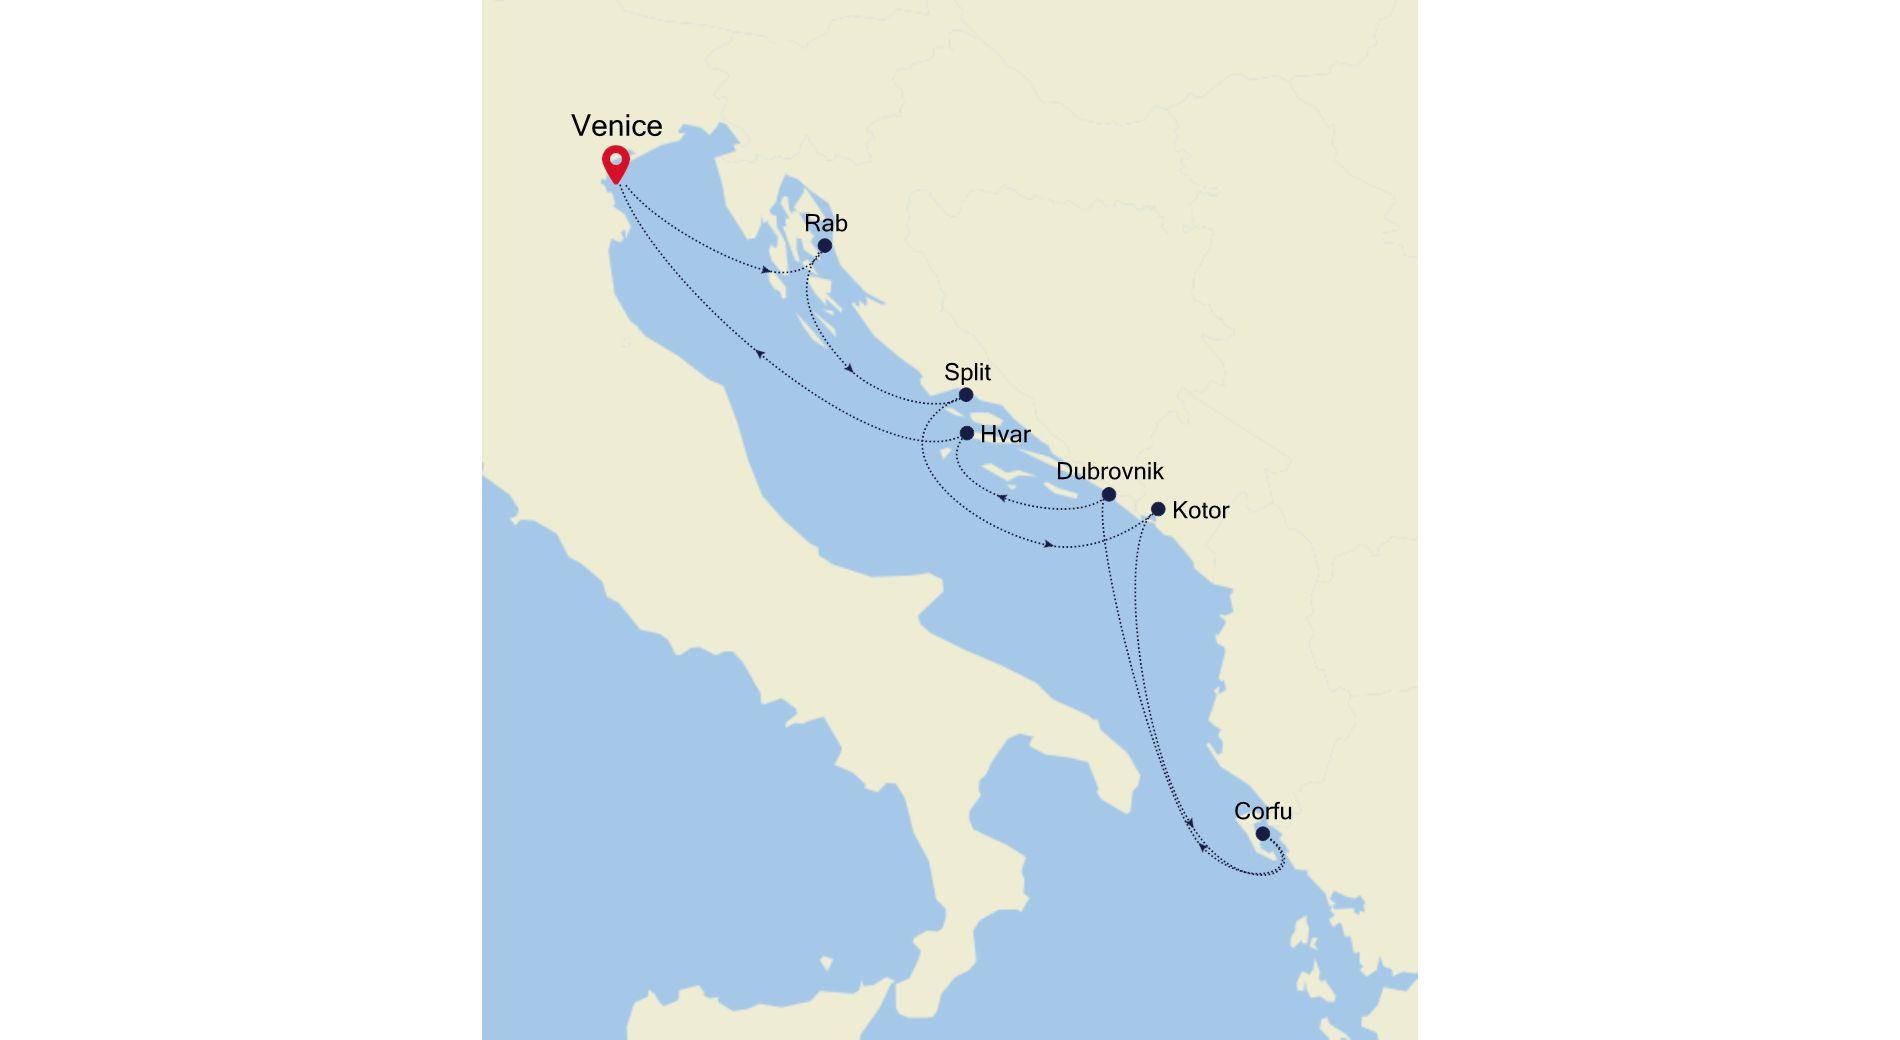 SS200814007 - Venice to Venice